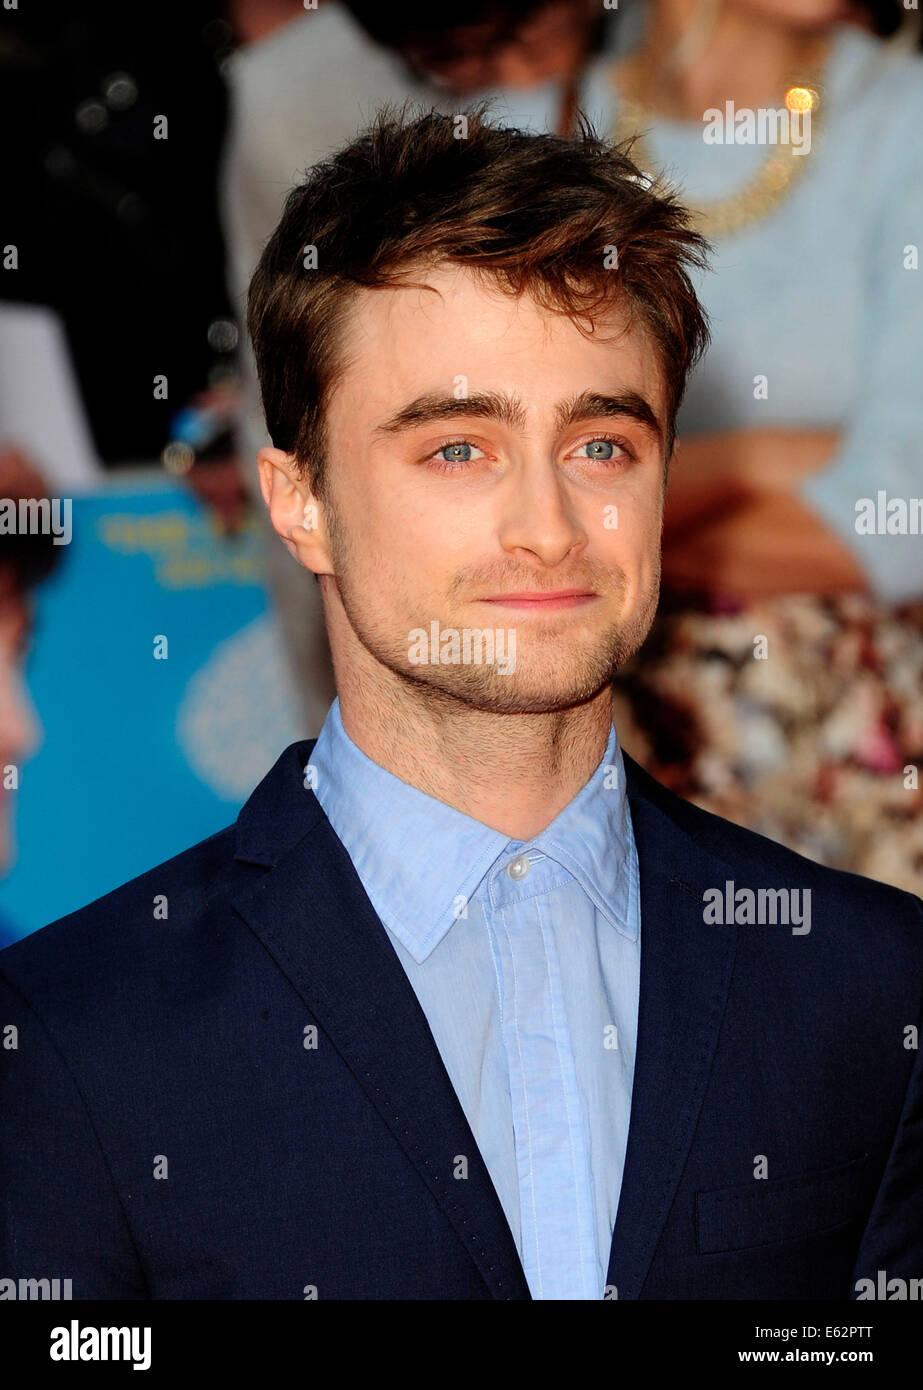 London, UK. 12. August 2014. Daniel Radcliffe besuchen die UK Premiere von WHAT IF The Odeon West End London am Stockfoto